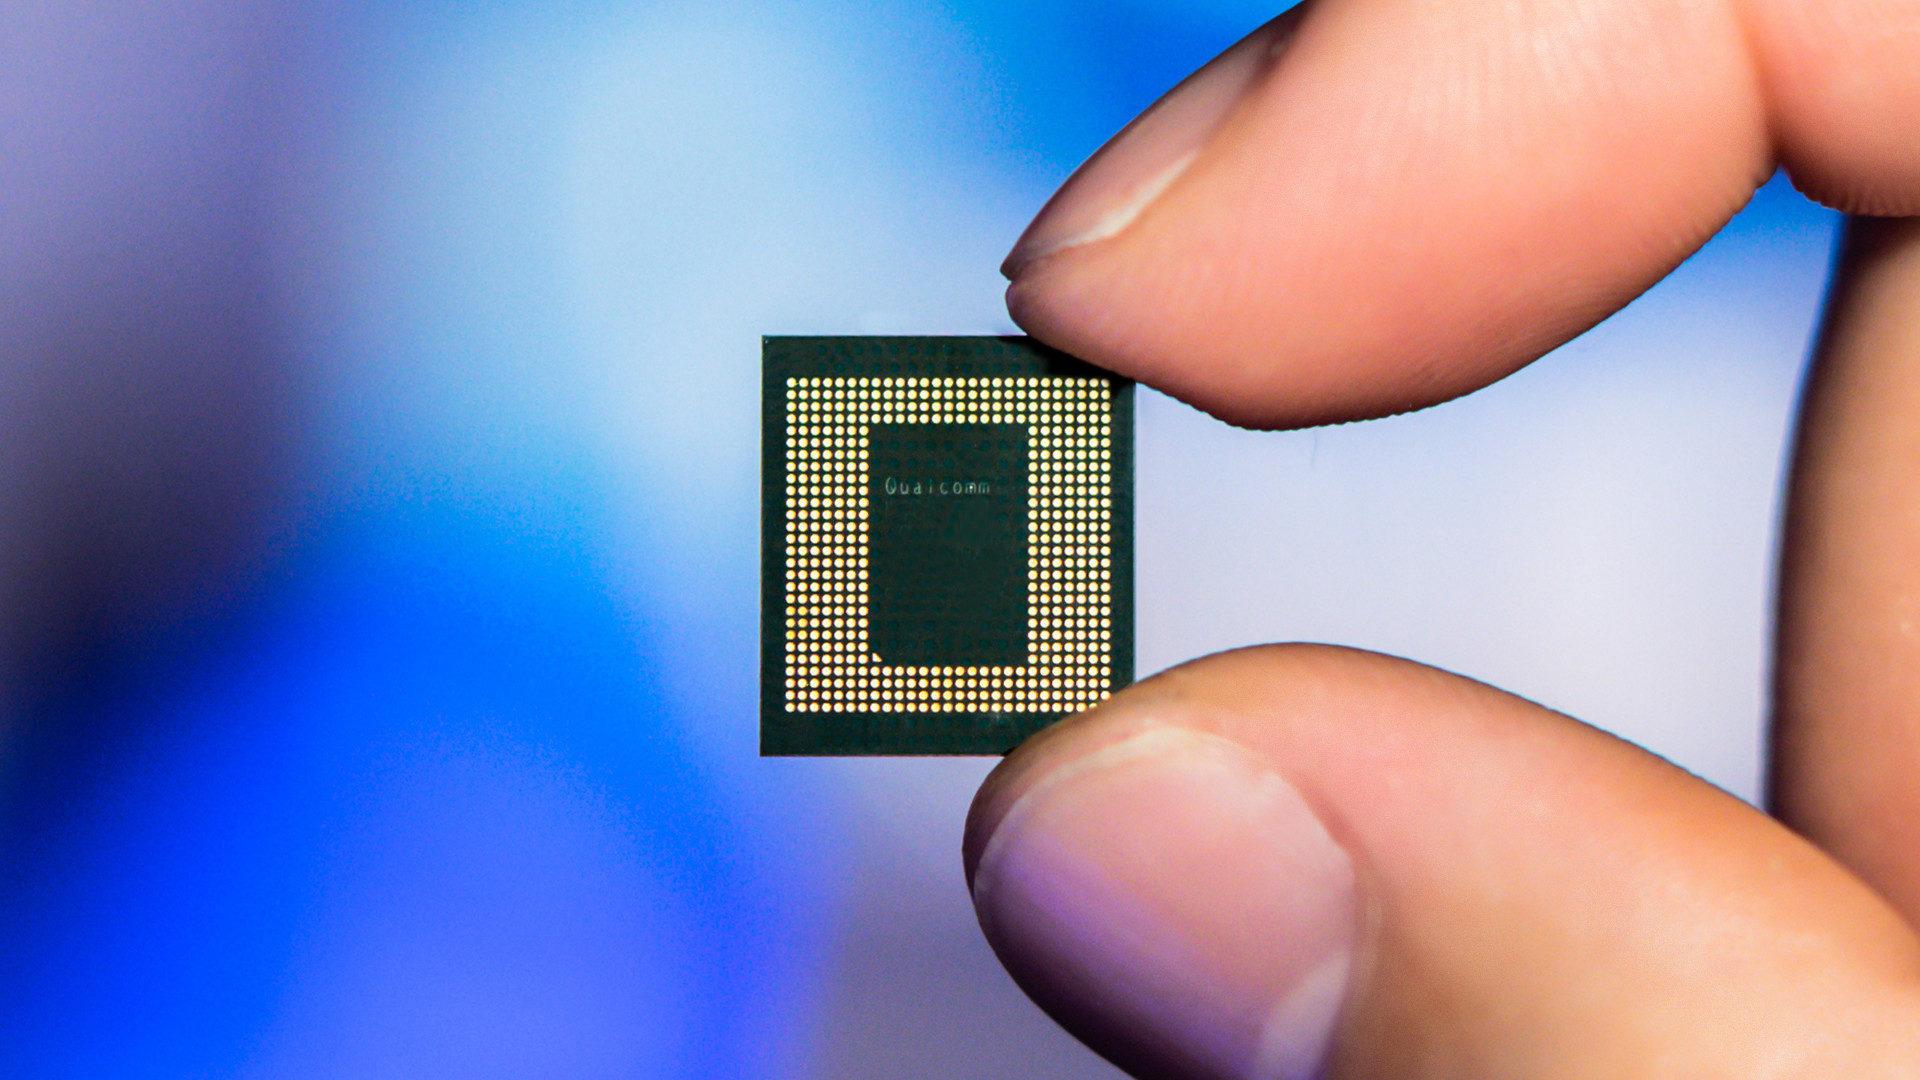 Qualcomm Snapdragon 865 5G Mobile Platform Chip Front